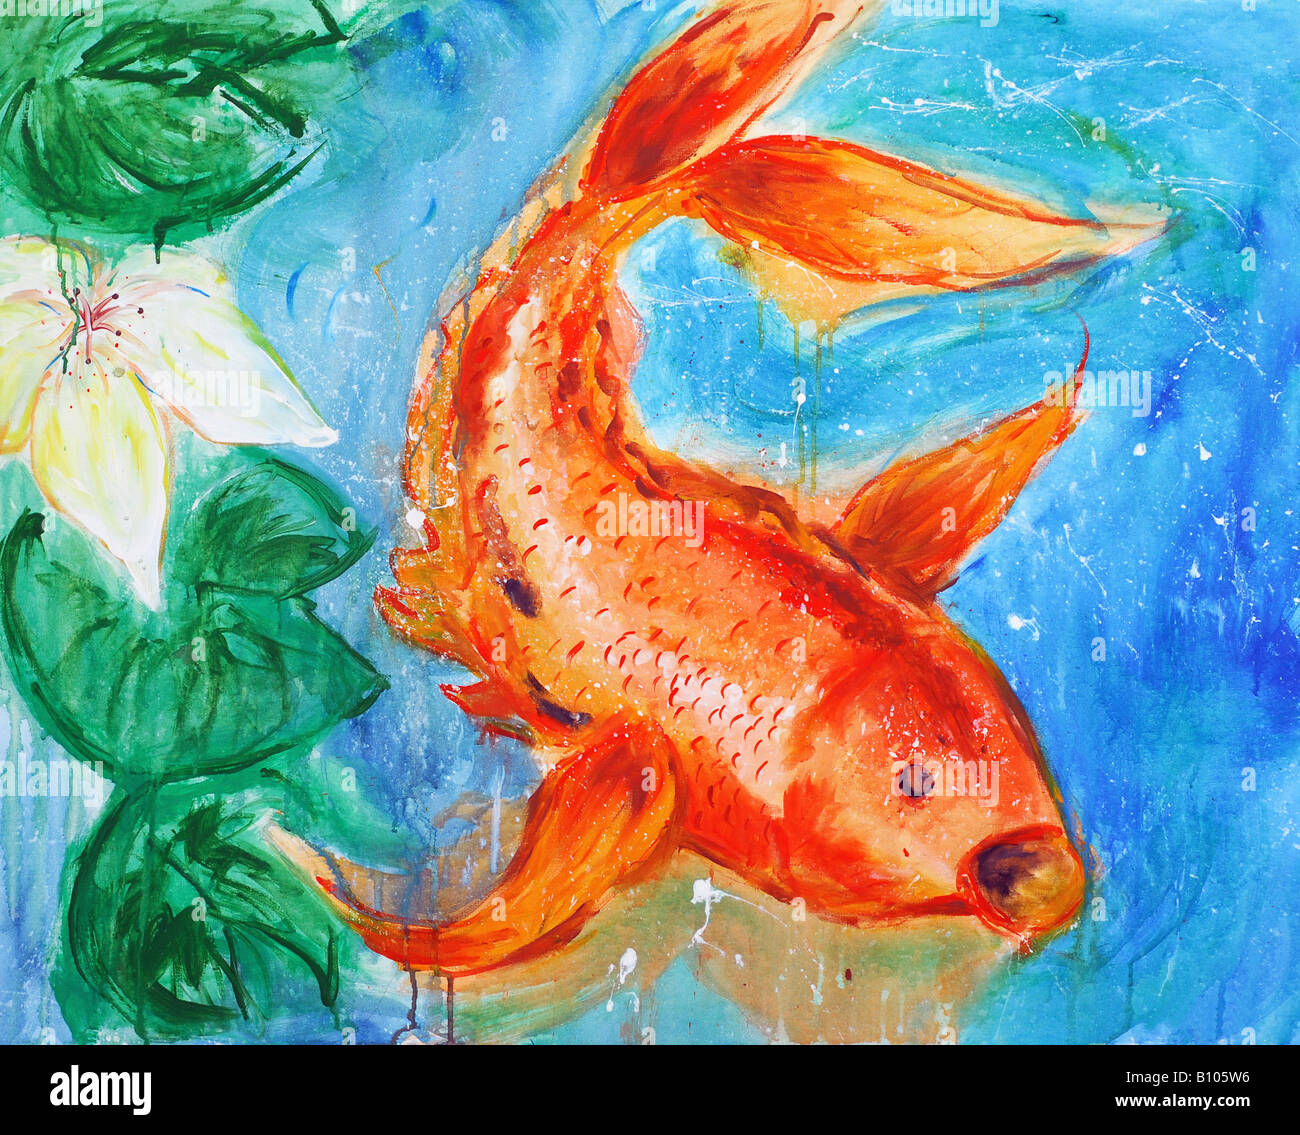 Peinture De Carpe Koi Poisson Photo Stock Alamy